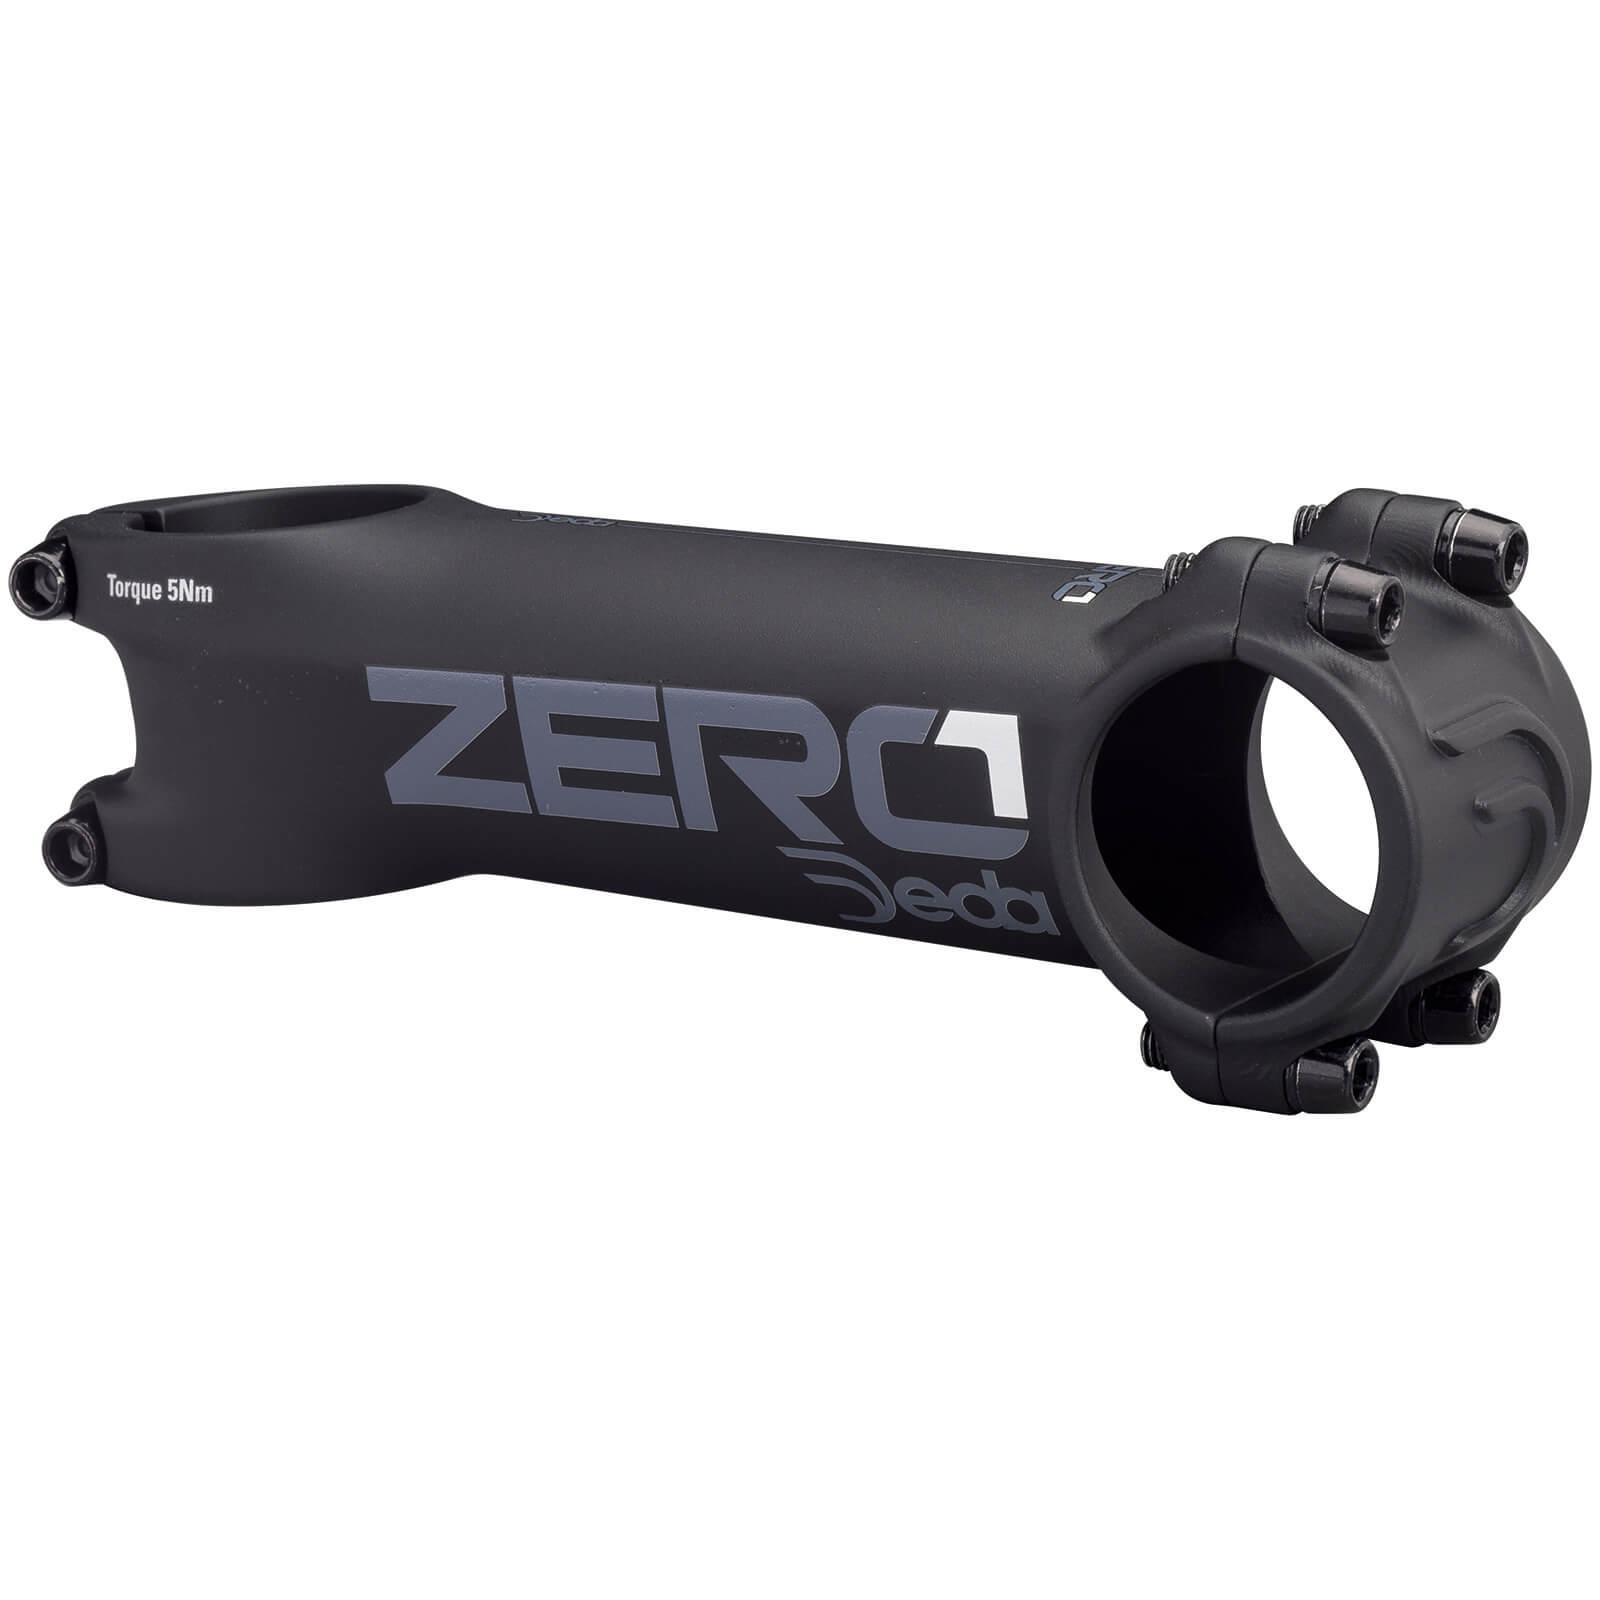 Deda Zero1 Stem - 120mm - Black/Black